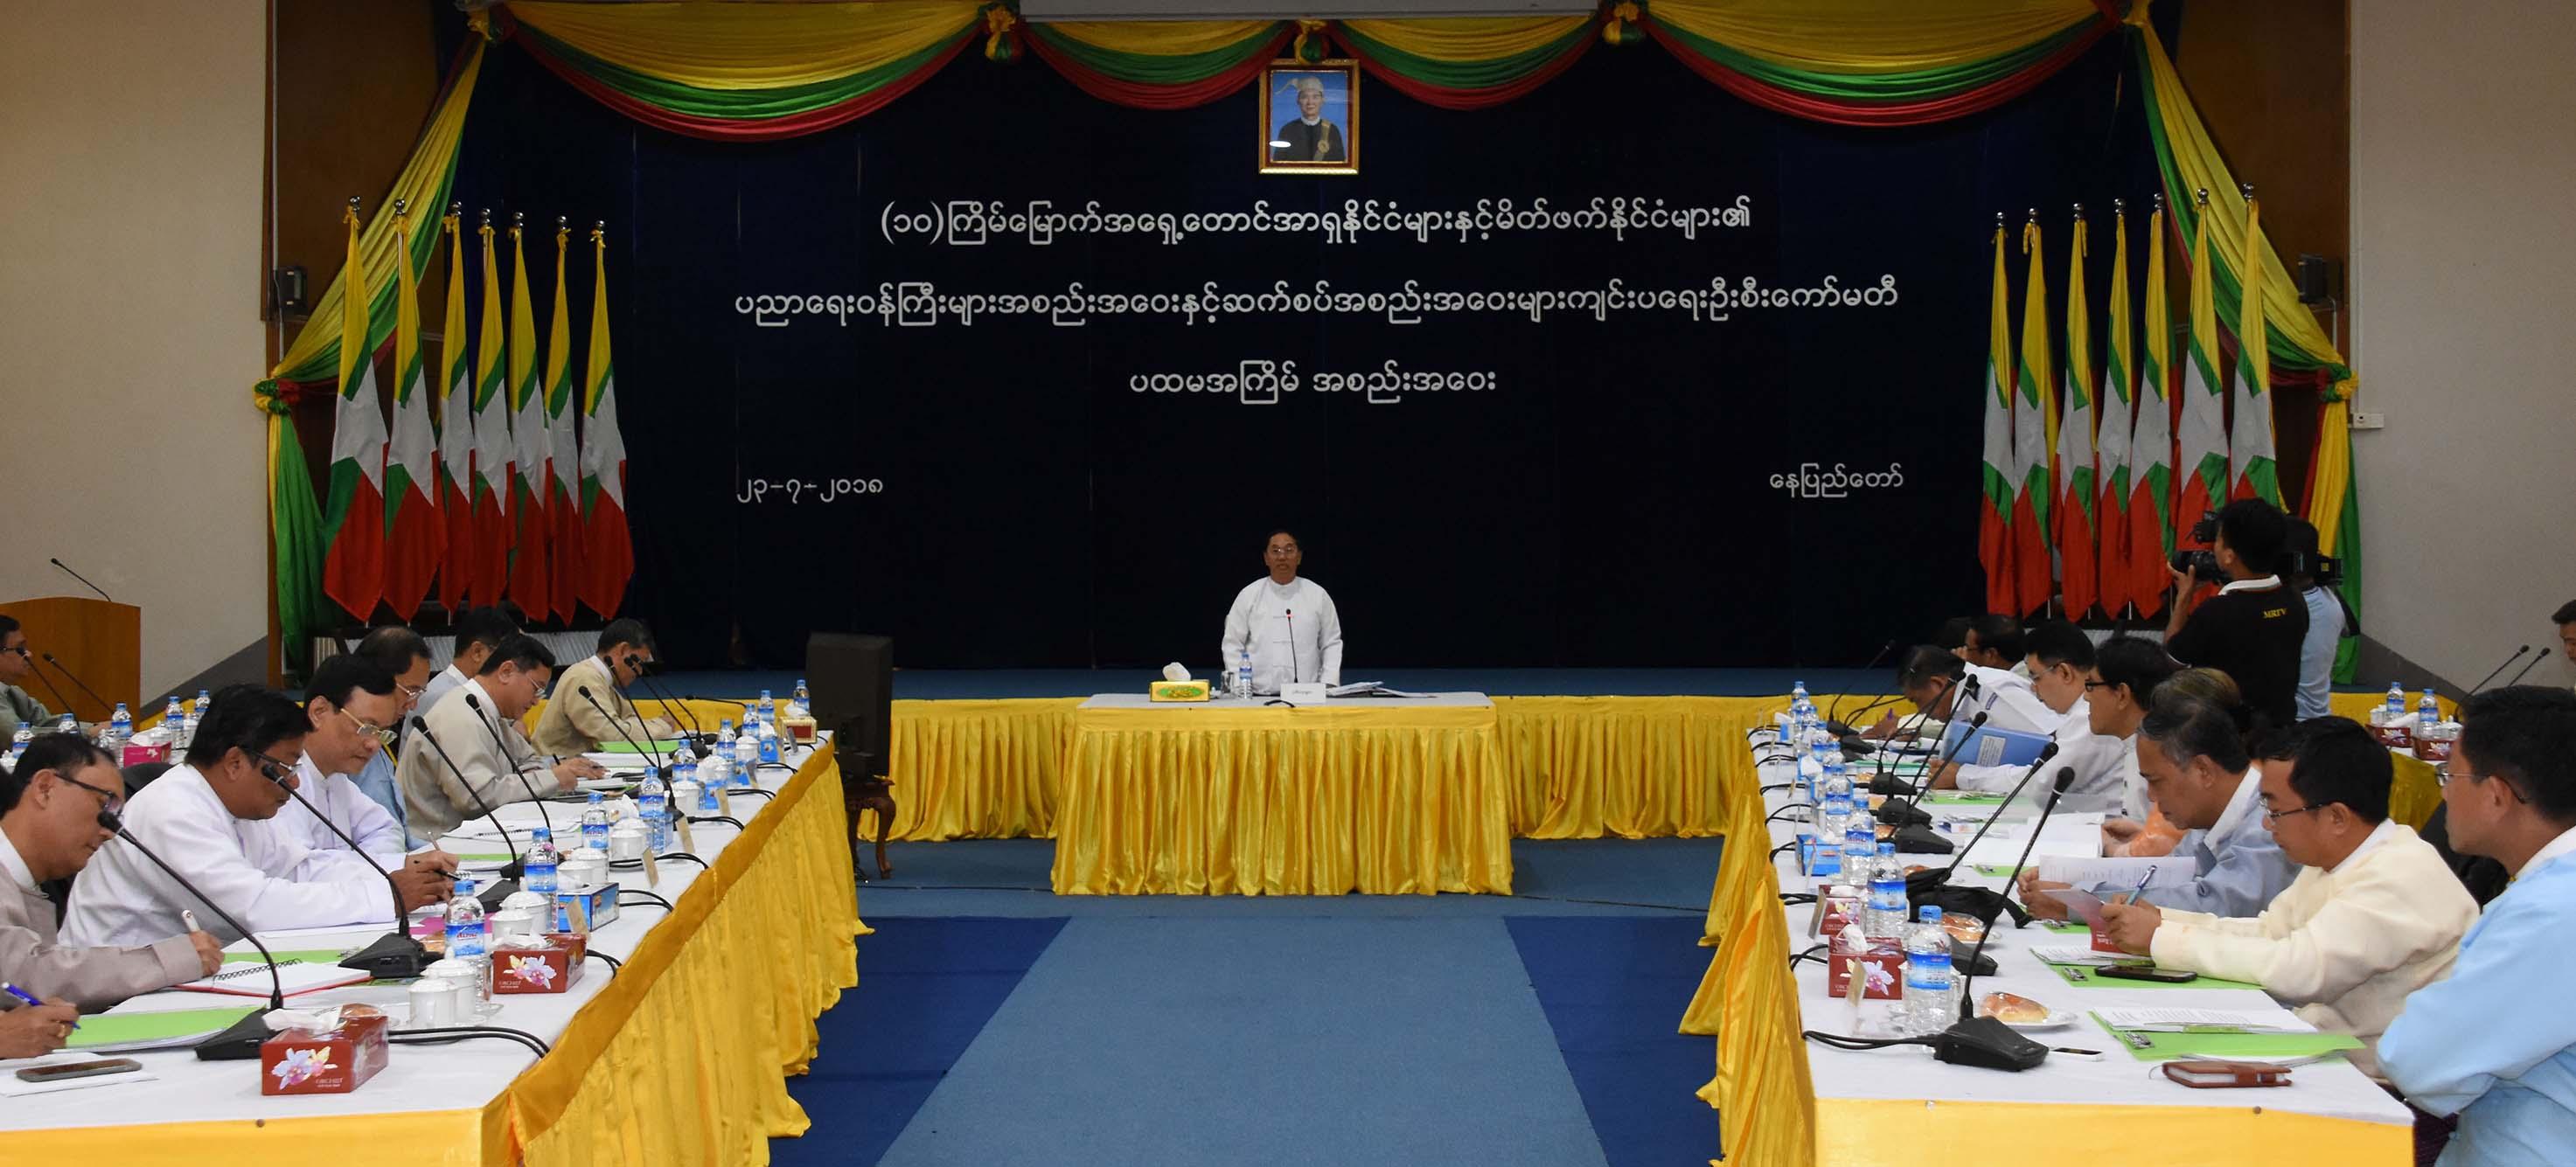 Myanmar to host ASEAN education meet